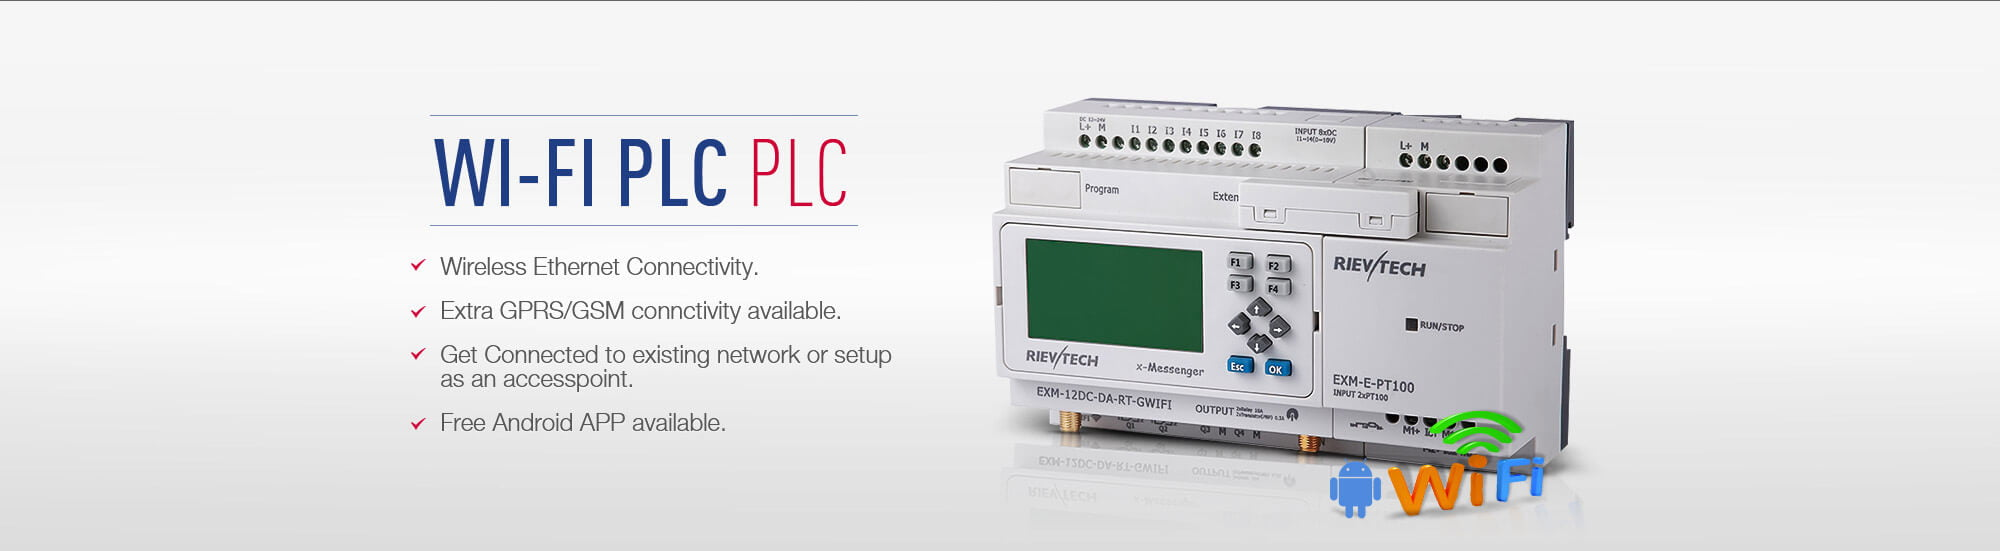 wifi-plc